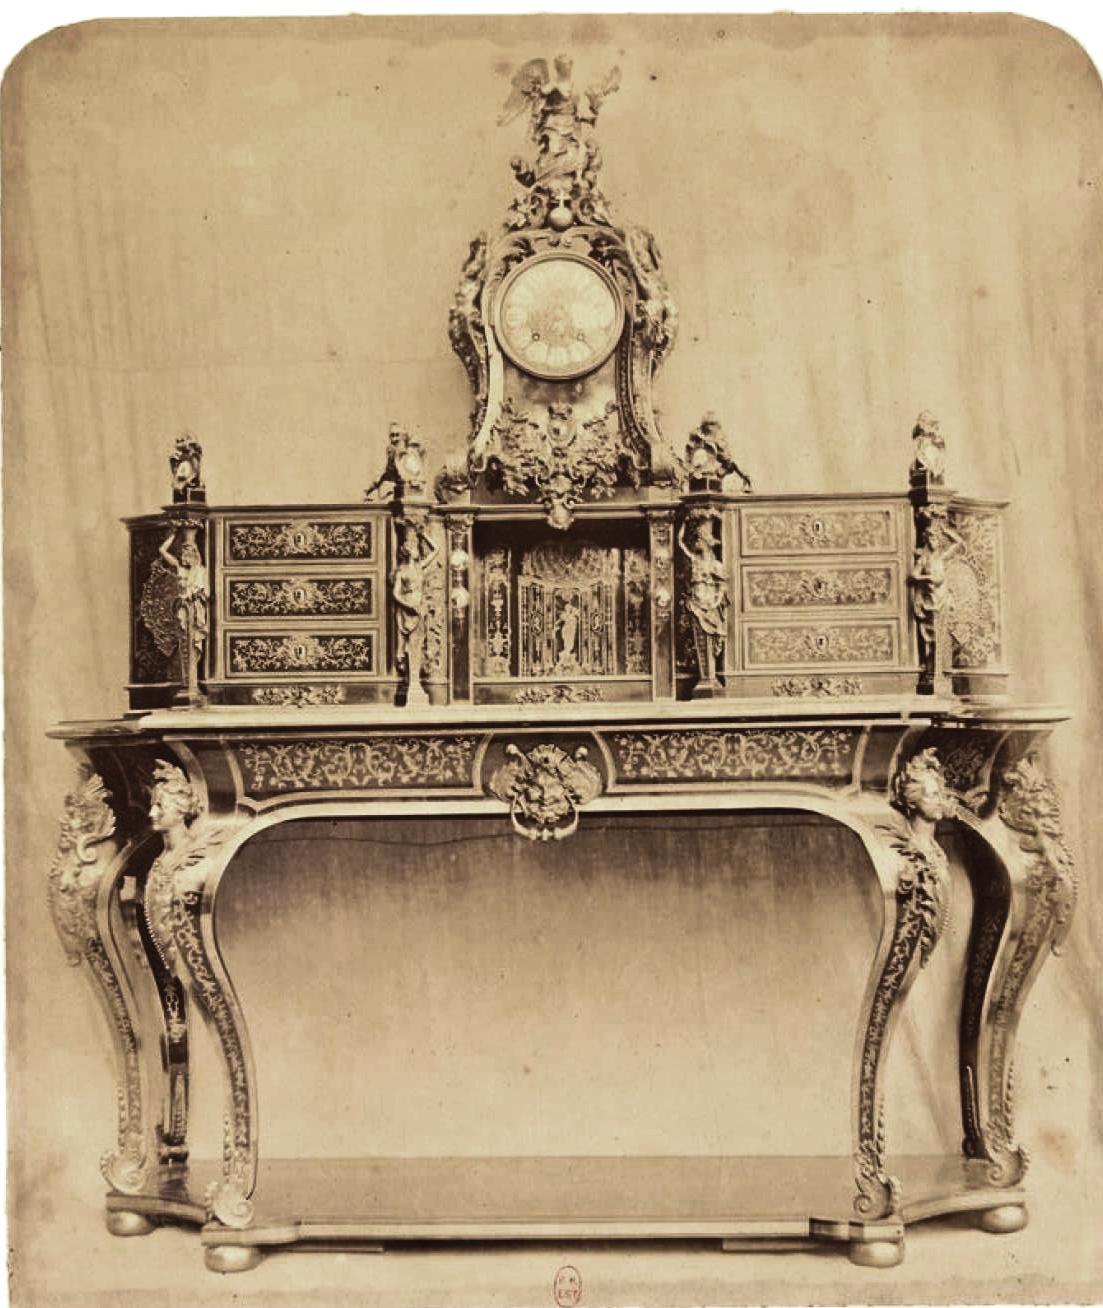 Письменный стол с шкафом и часами. Мебель стиля «буль» (ок. 1700)